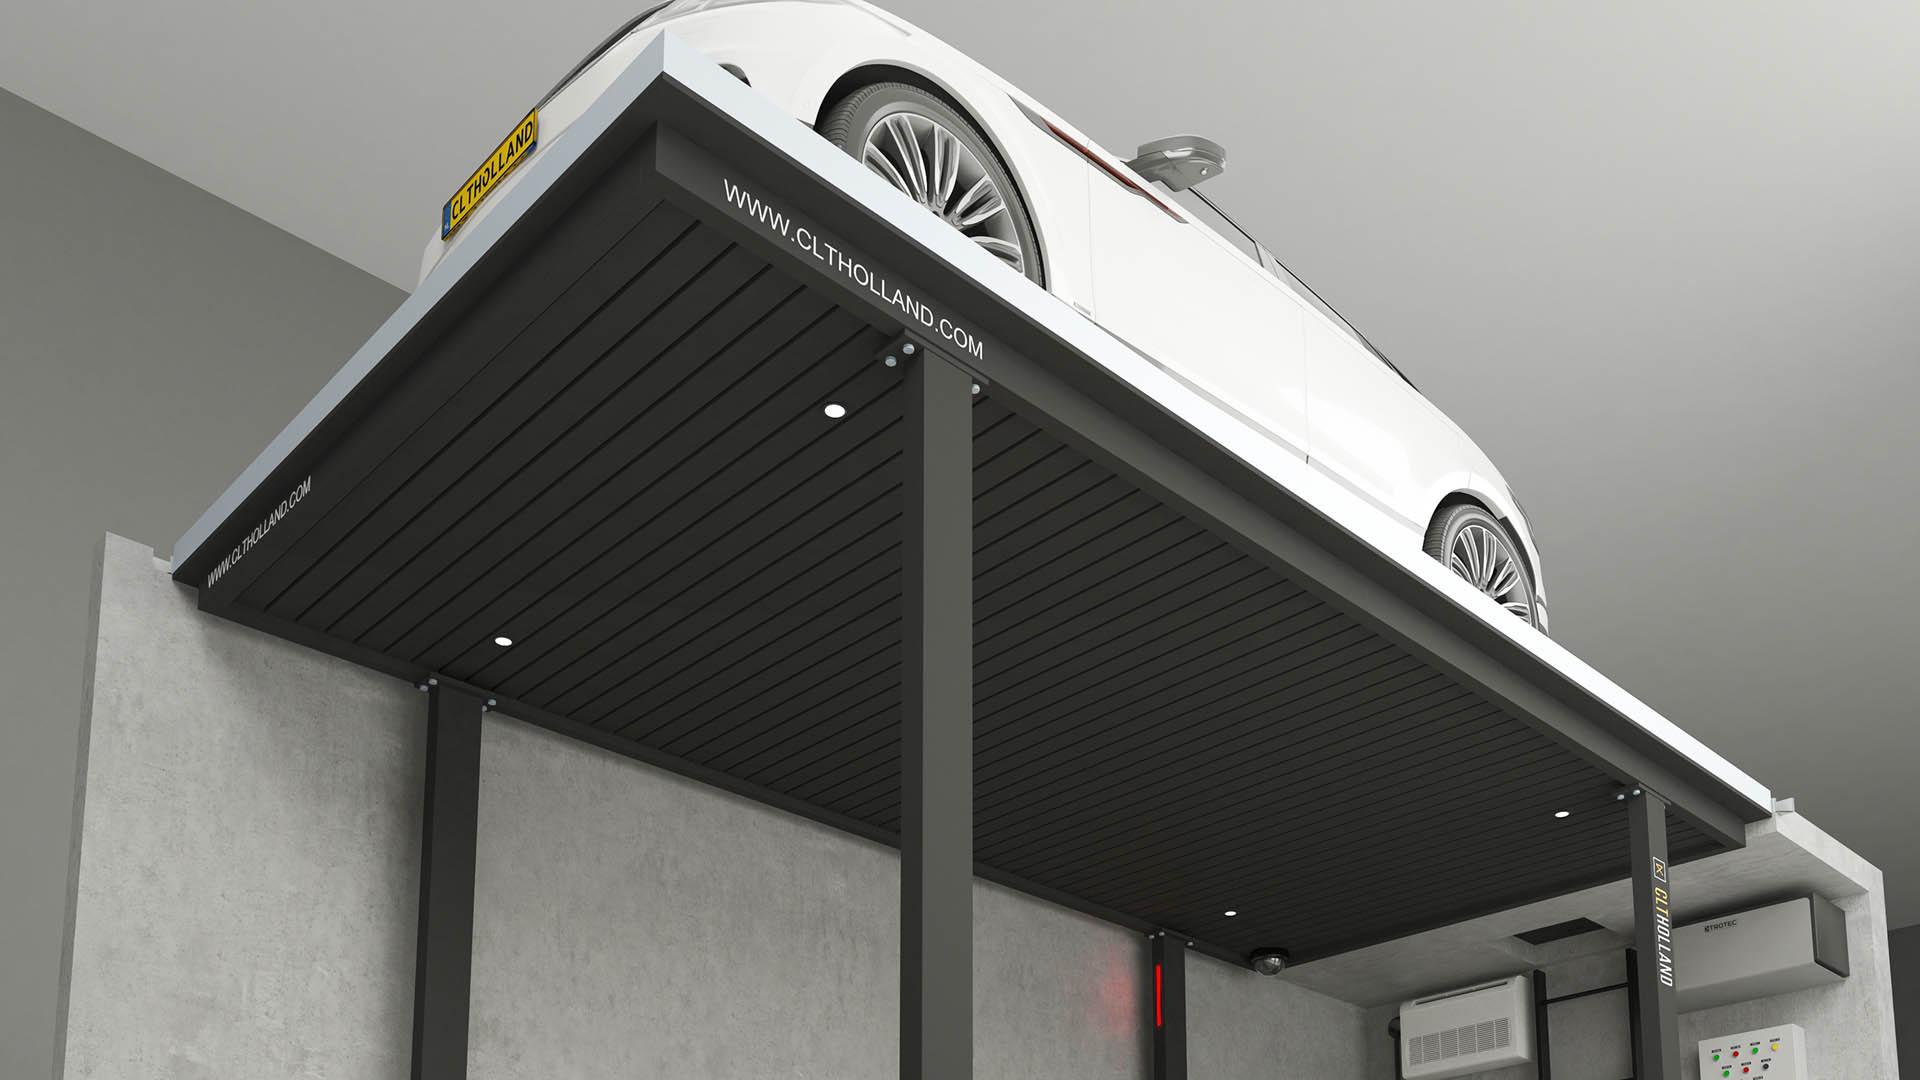 CLT Holland parkeerliften zijn tot in details afgewerkt. Dit voorbeeld is uitgevoerd met zwart lamellen plafond.